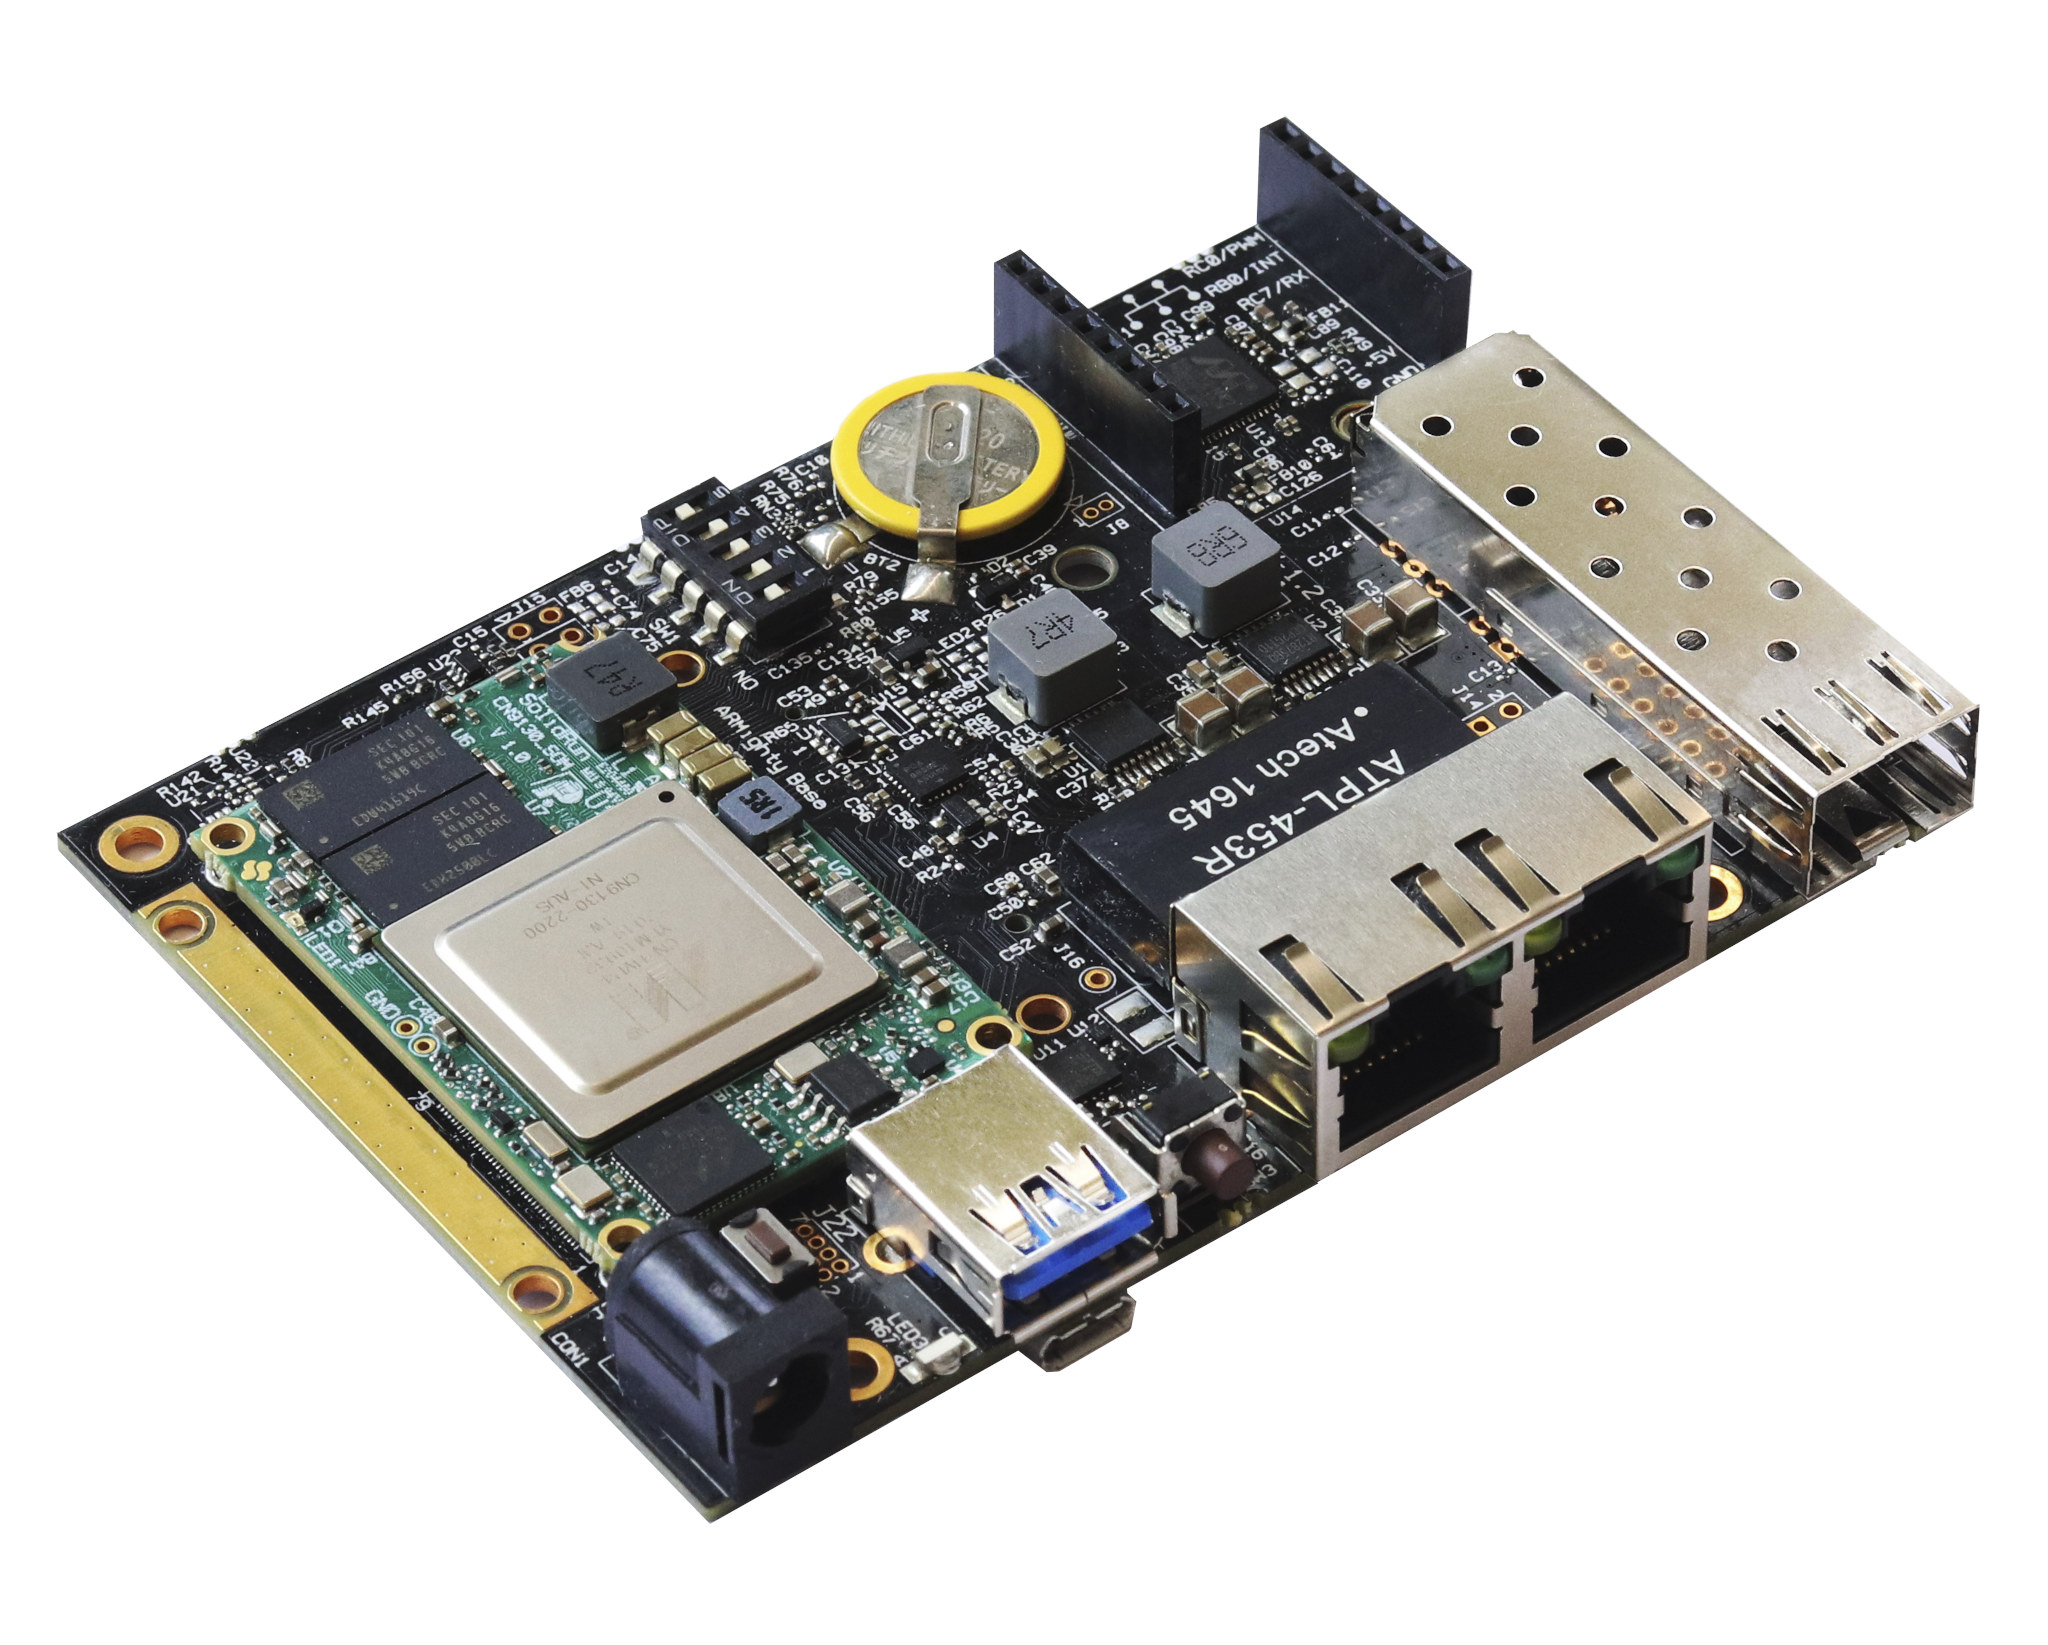 ClearFog CN9130 Base networking board